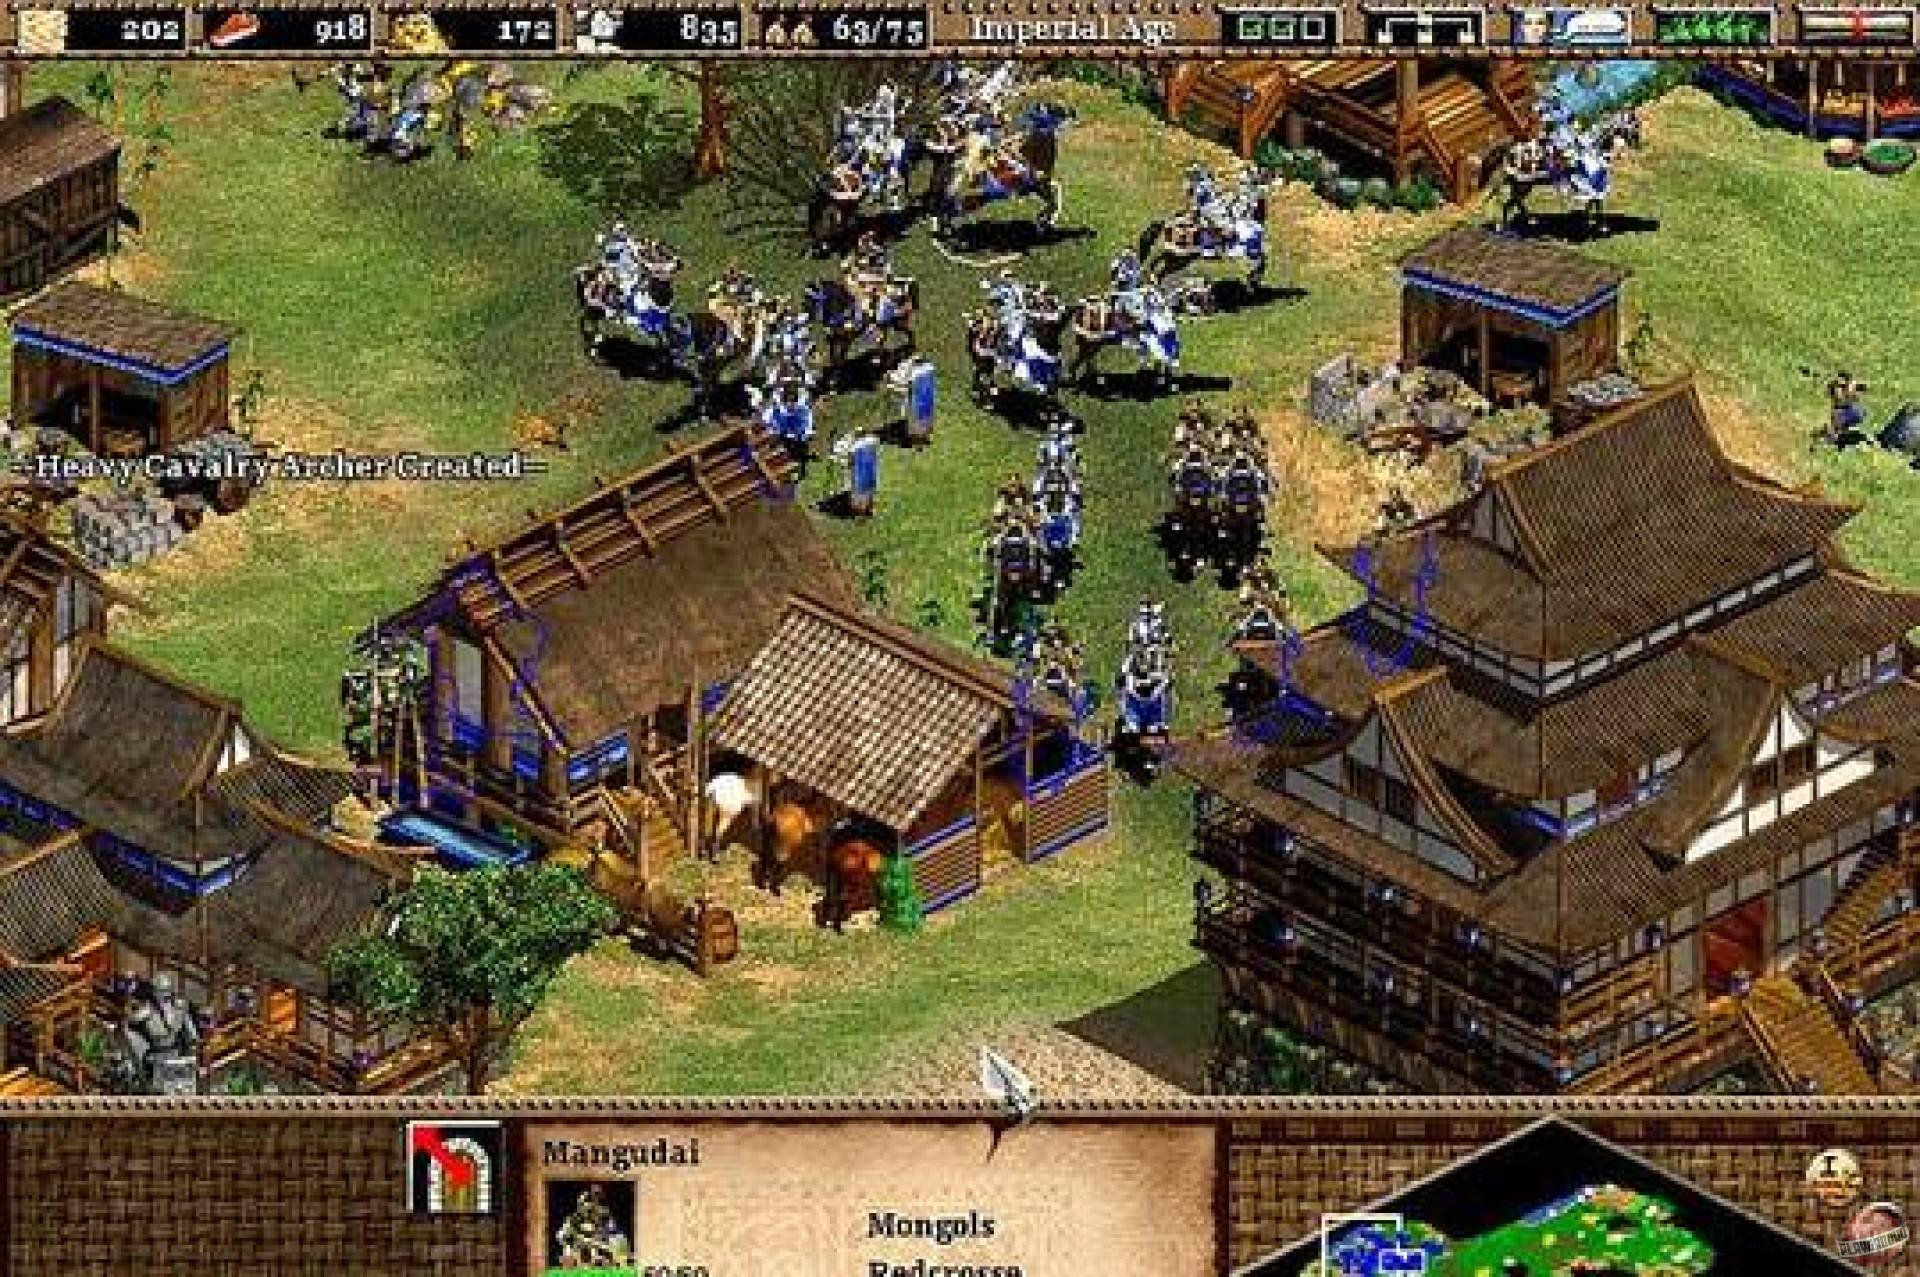 снимки экрана игры